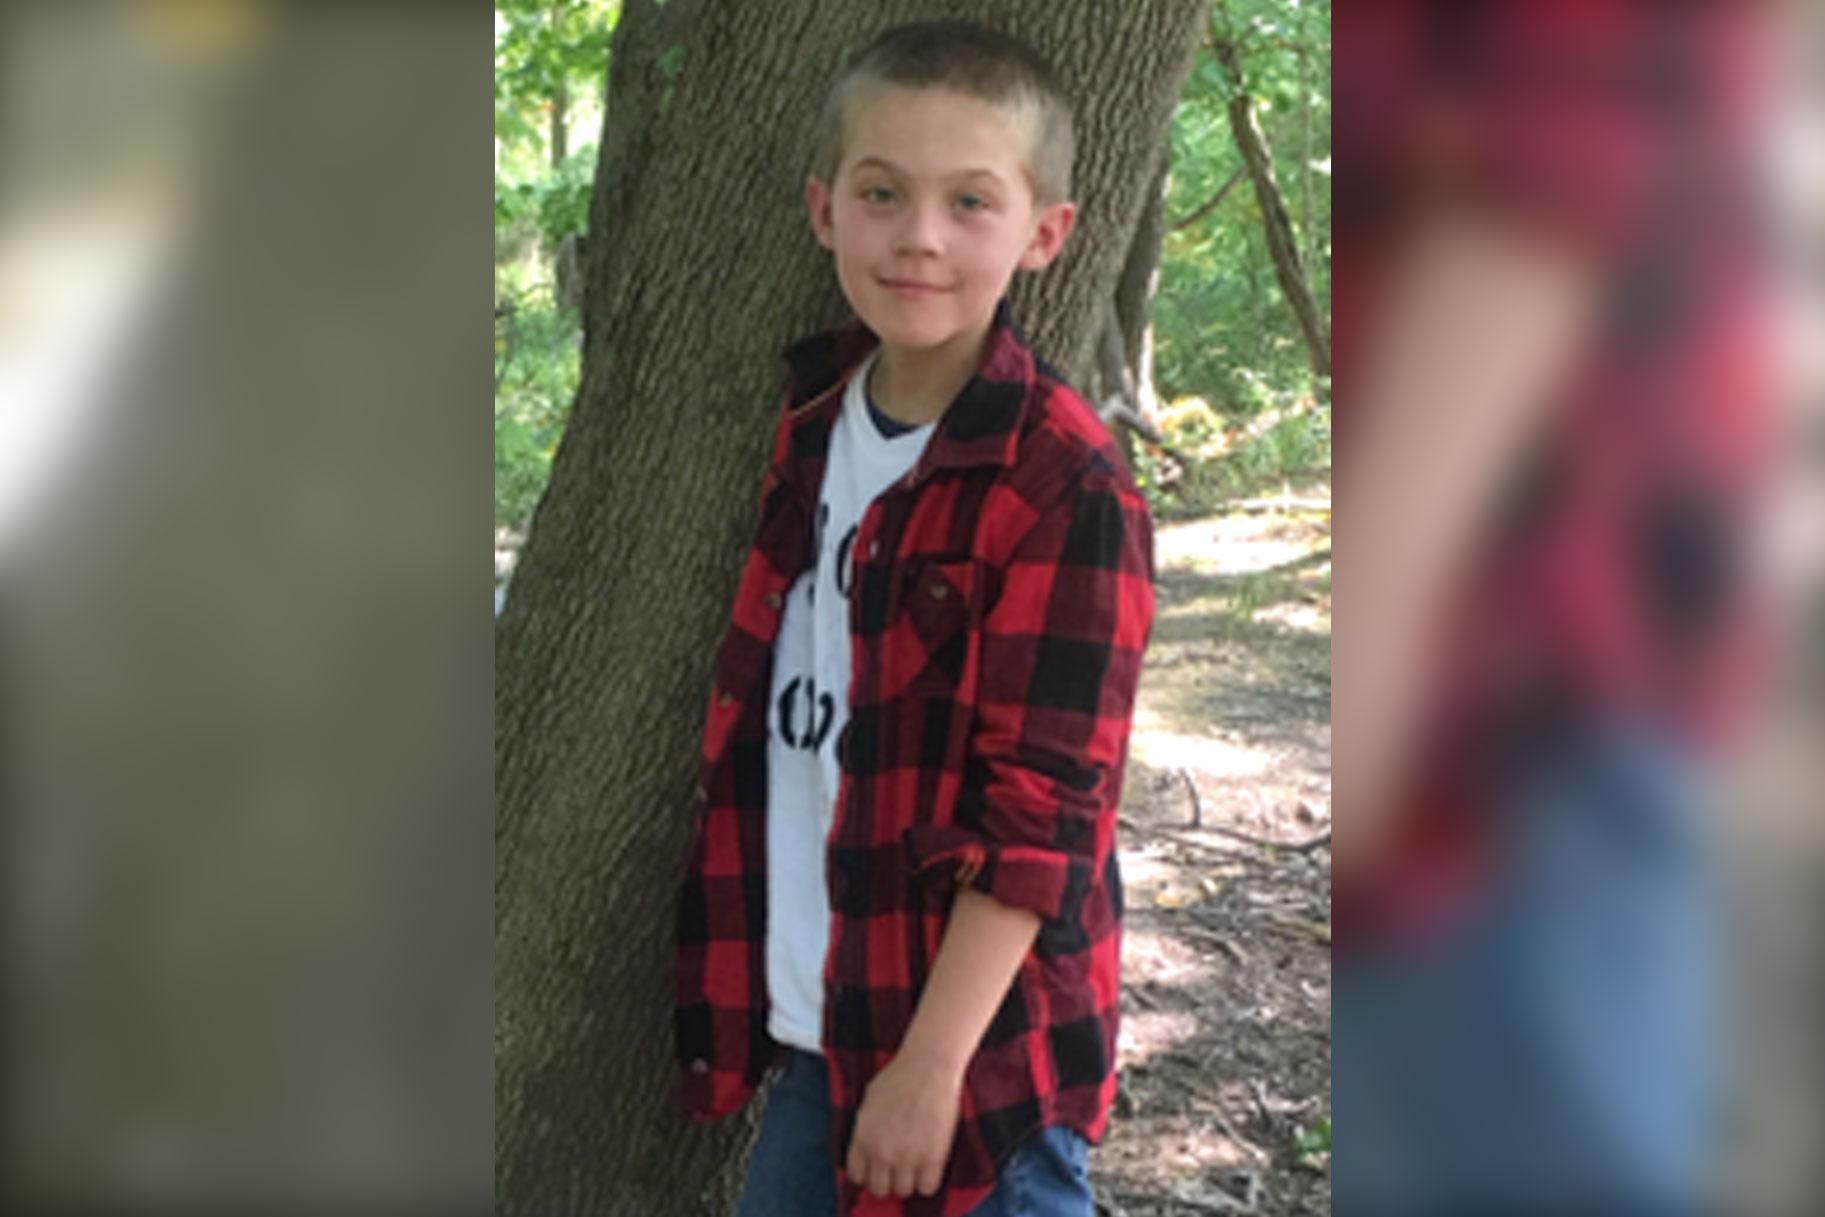 'Jeg ved ikke, om han havde smerter,' siger mor om den unges søns 'mistænkelige' død